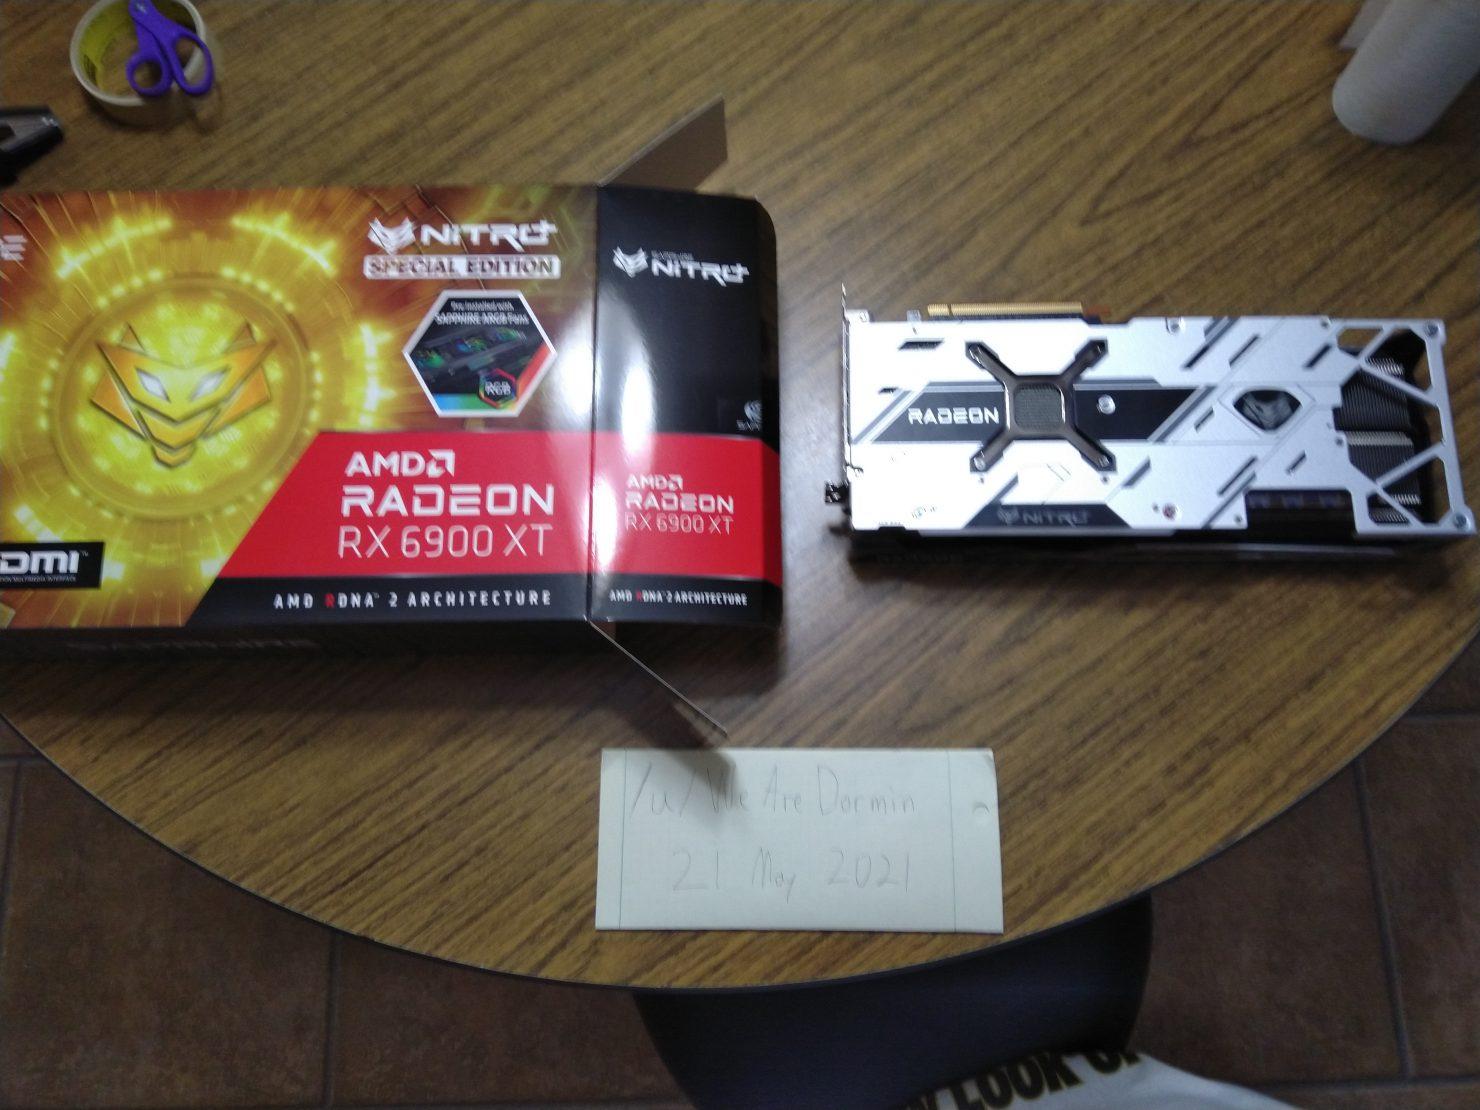 Saphir-Radeon-RX-6900-XT-Nitro-Special-Edition-Grafikkarte-mit-giftigen-extremen-PCB-_1